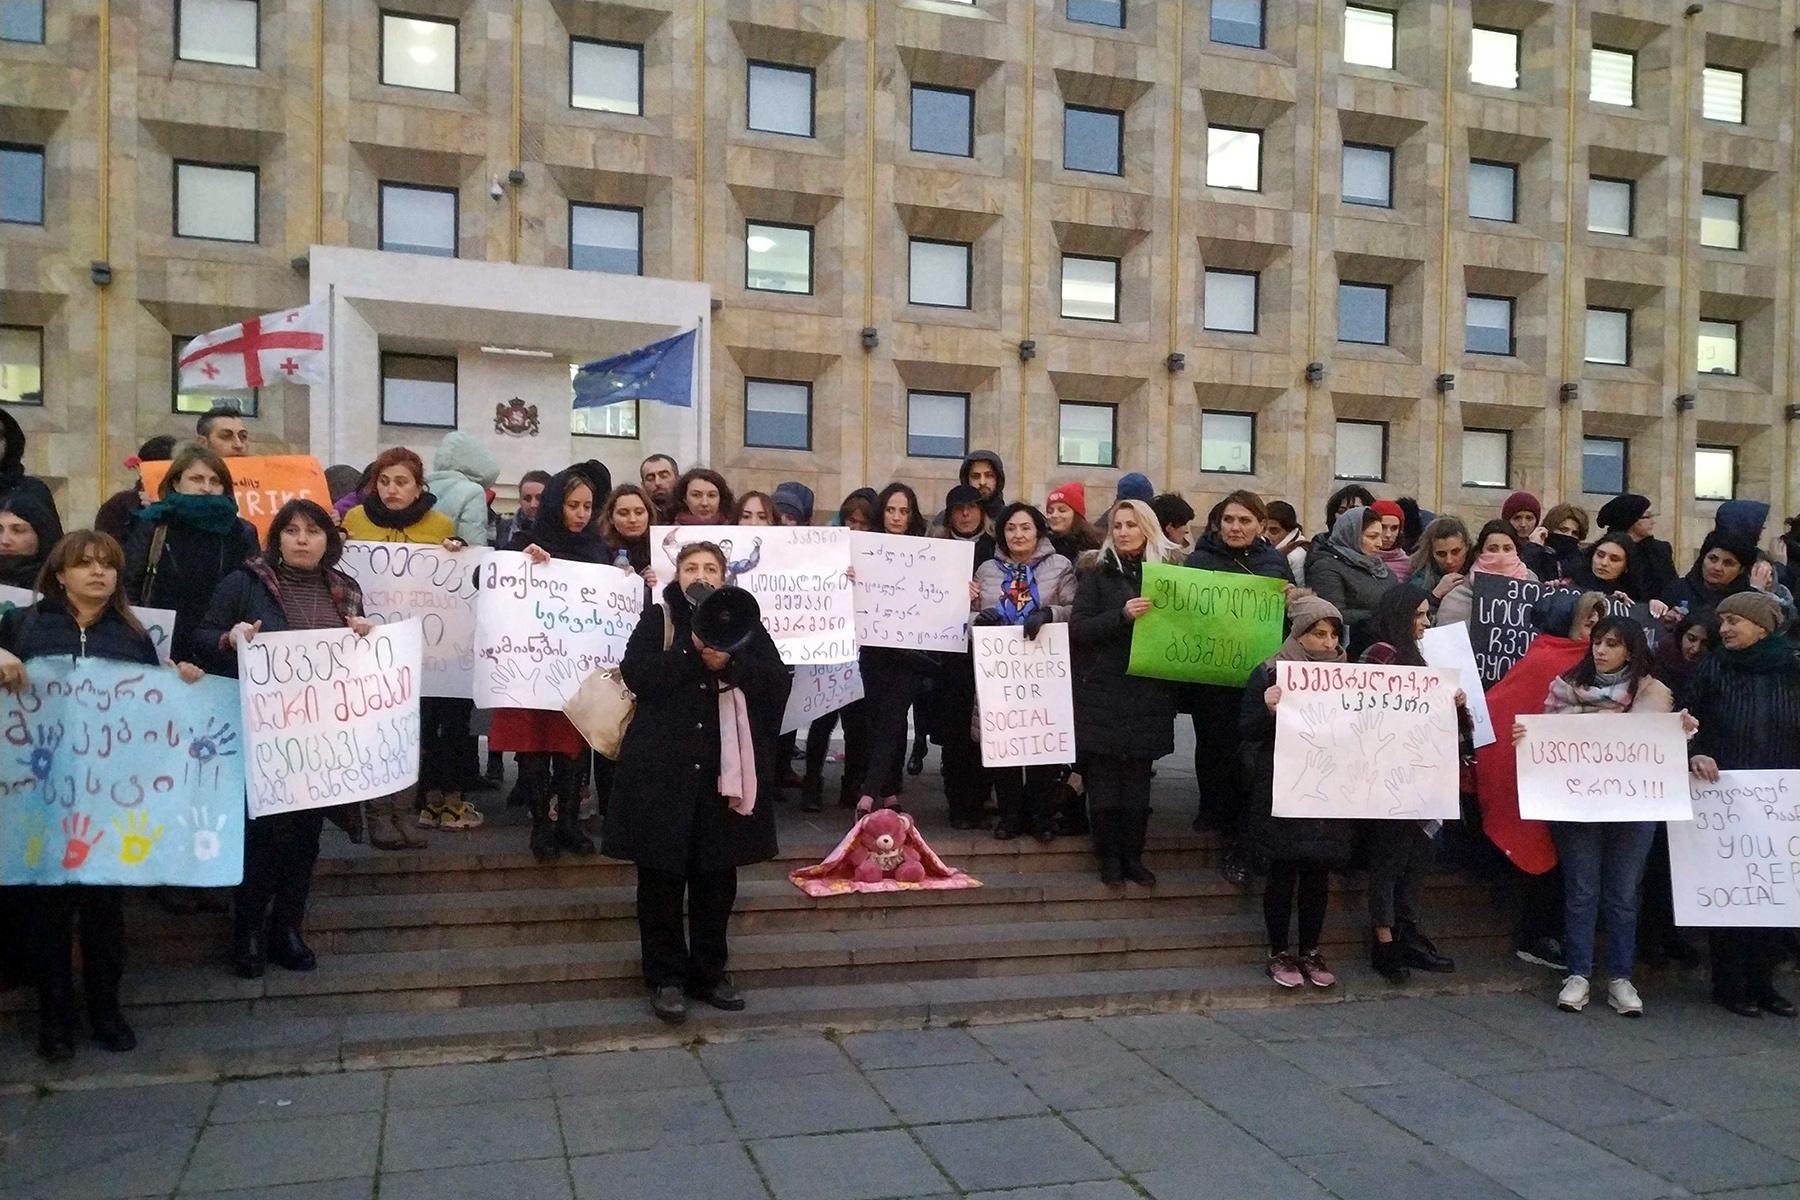 Социальные работники протестуют перед Канцелярией правительства в марте 2019 года. Фото: Шота Хинча/OC Media.